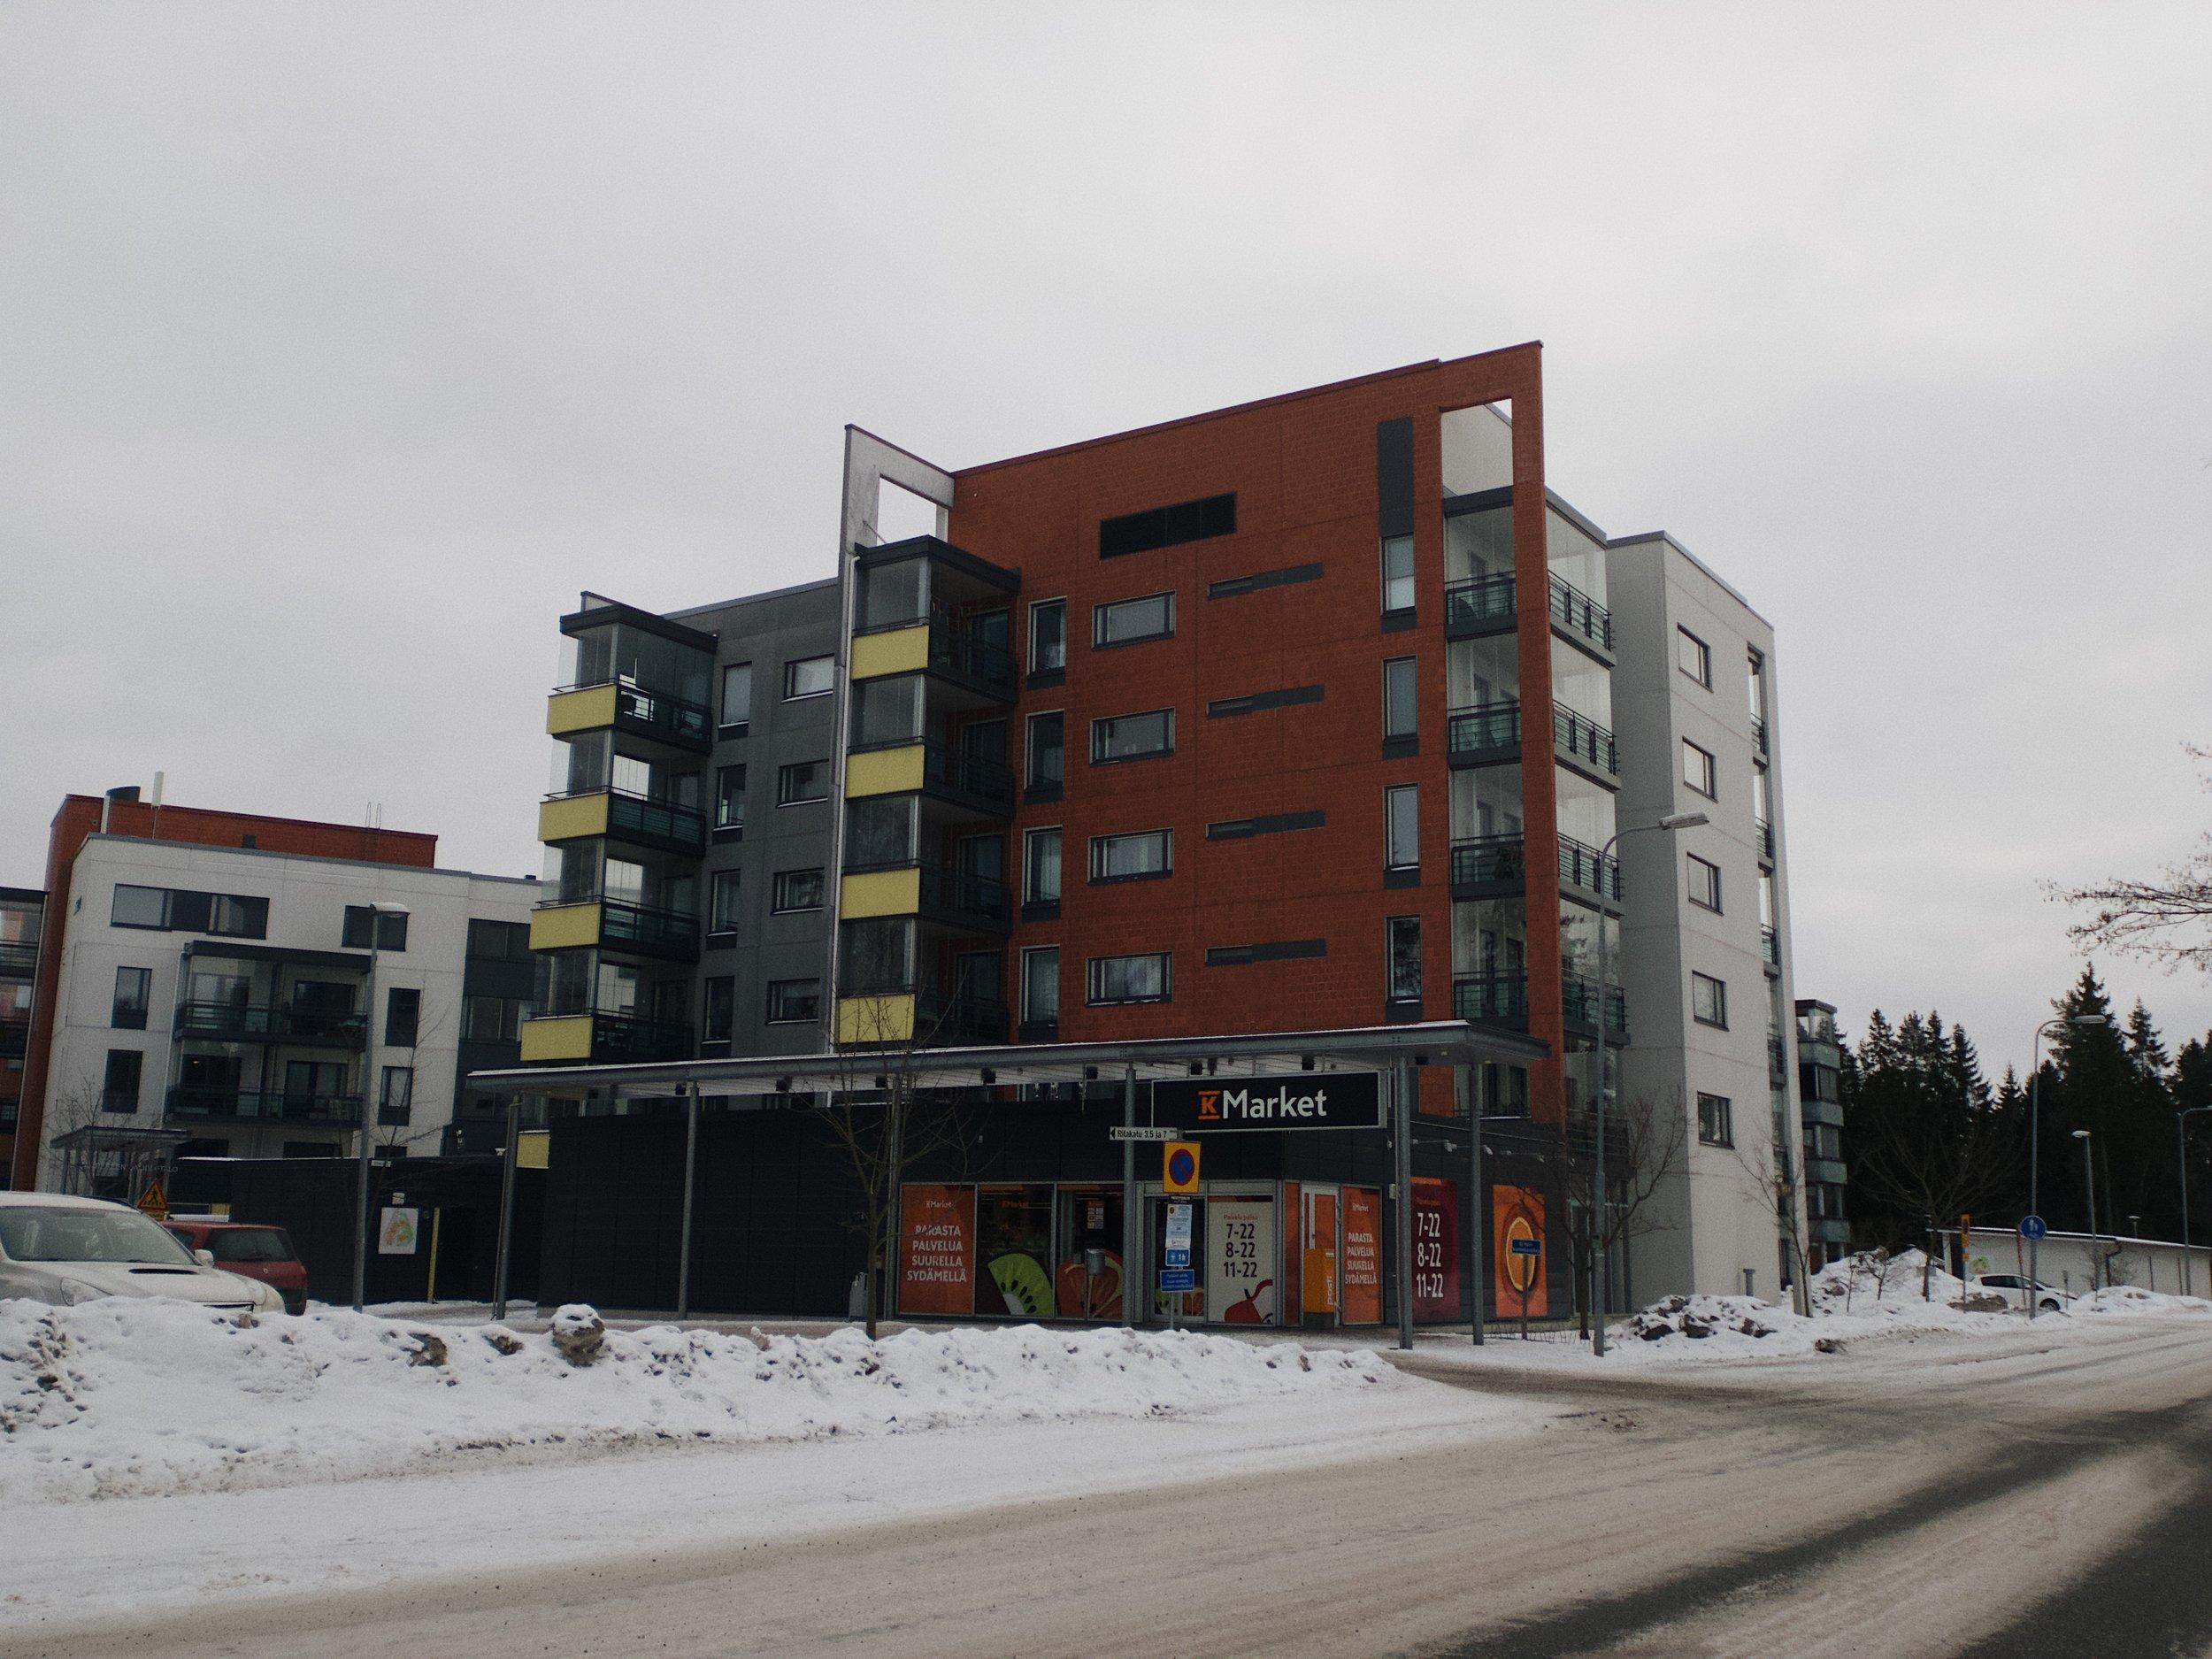 Ritakatu 7, Tampere